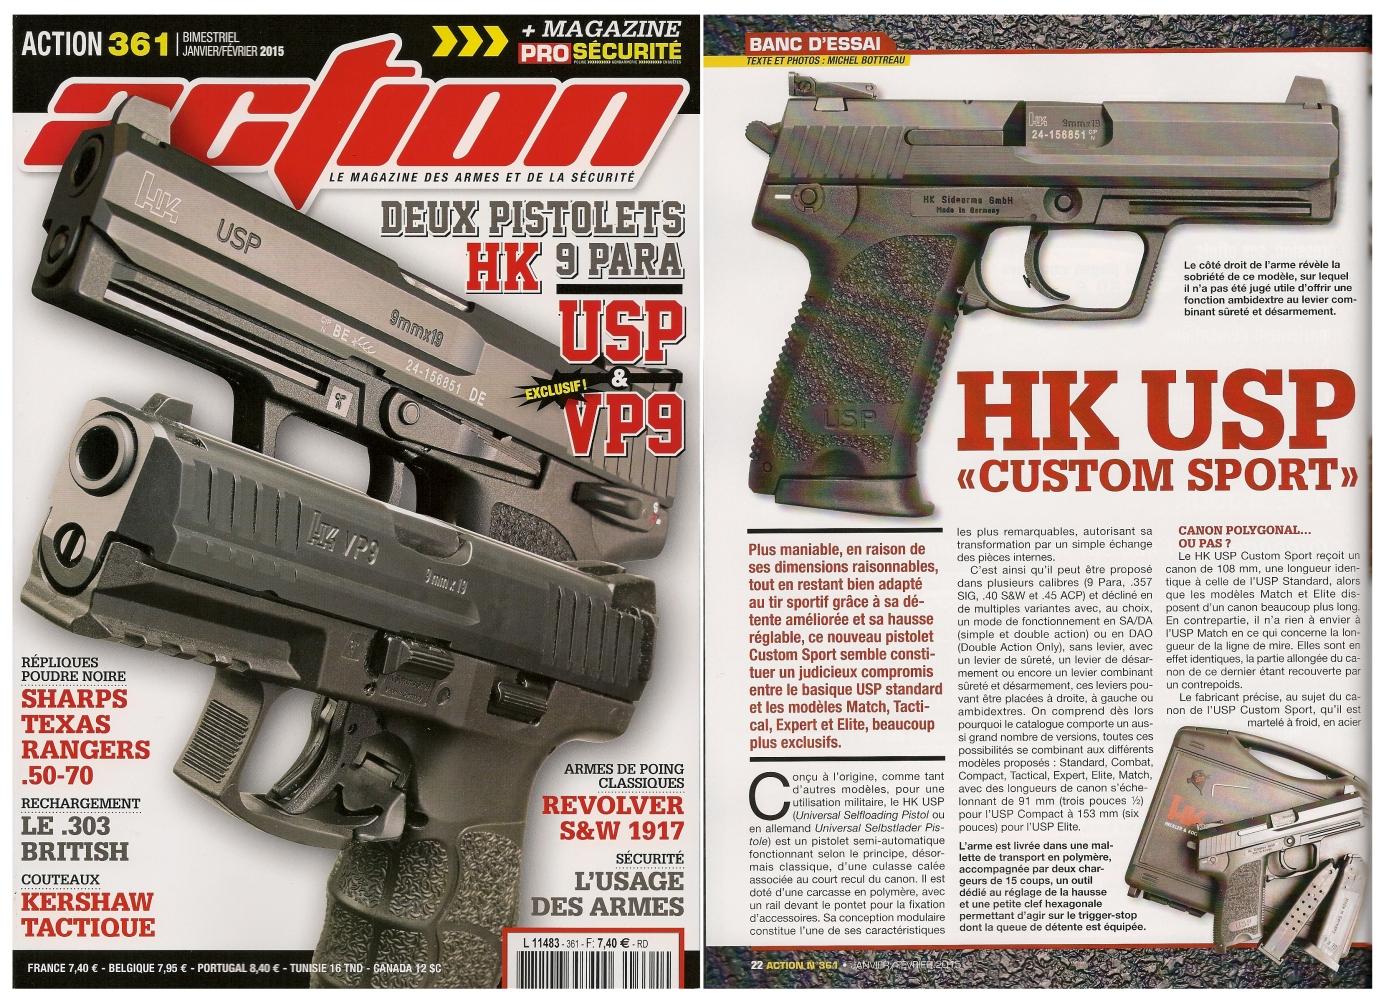 Le banc d'essai du pistolet HK USP Custom Sport a été publié sur 6 pages dans le magazine Action n° 361 (janvier-février 2015).